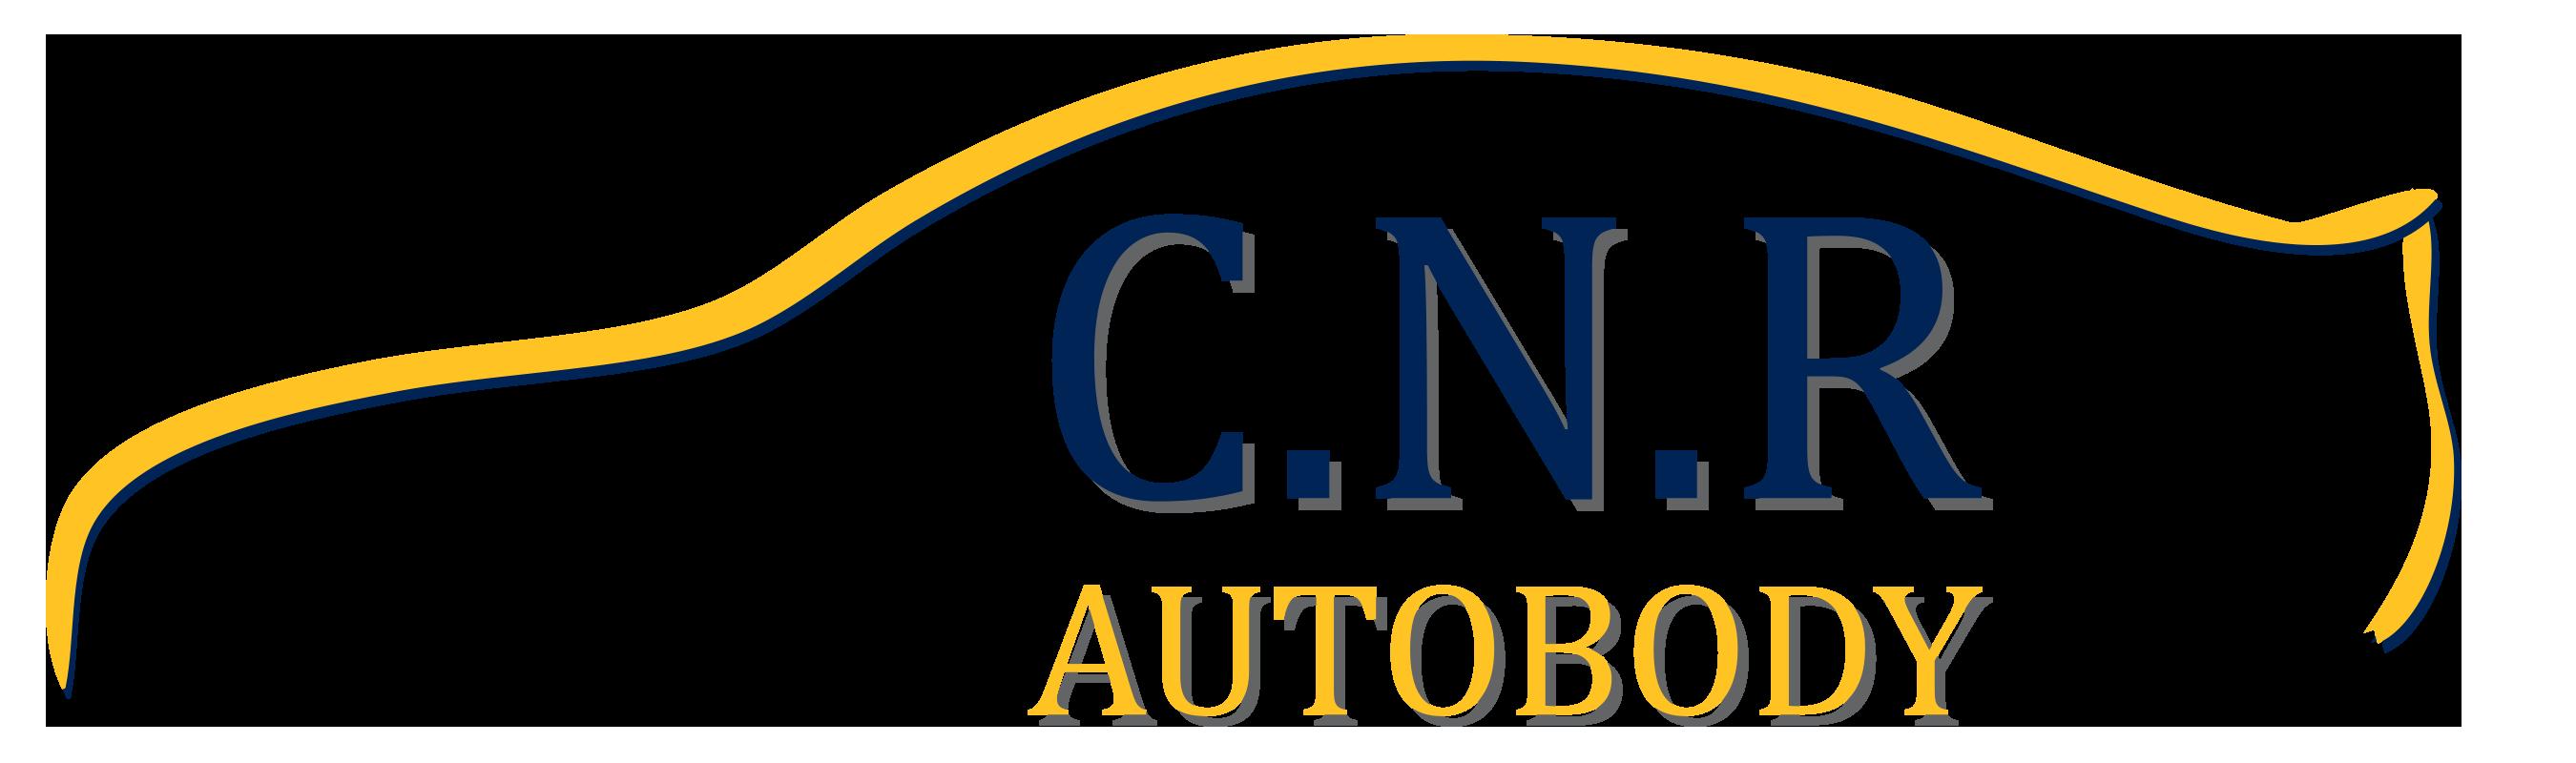 C.N.R AUTOBODY Logo